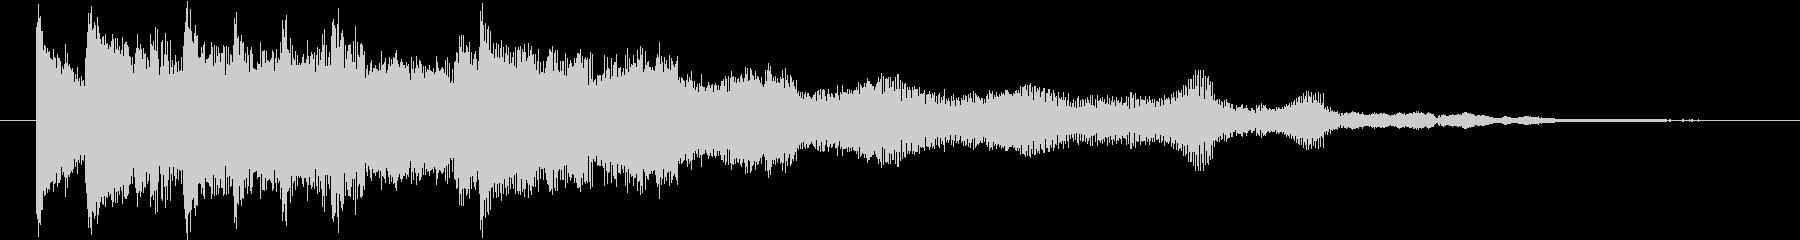 シンプル&スタンダードで洗練されたロゴの未再生の波形